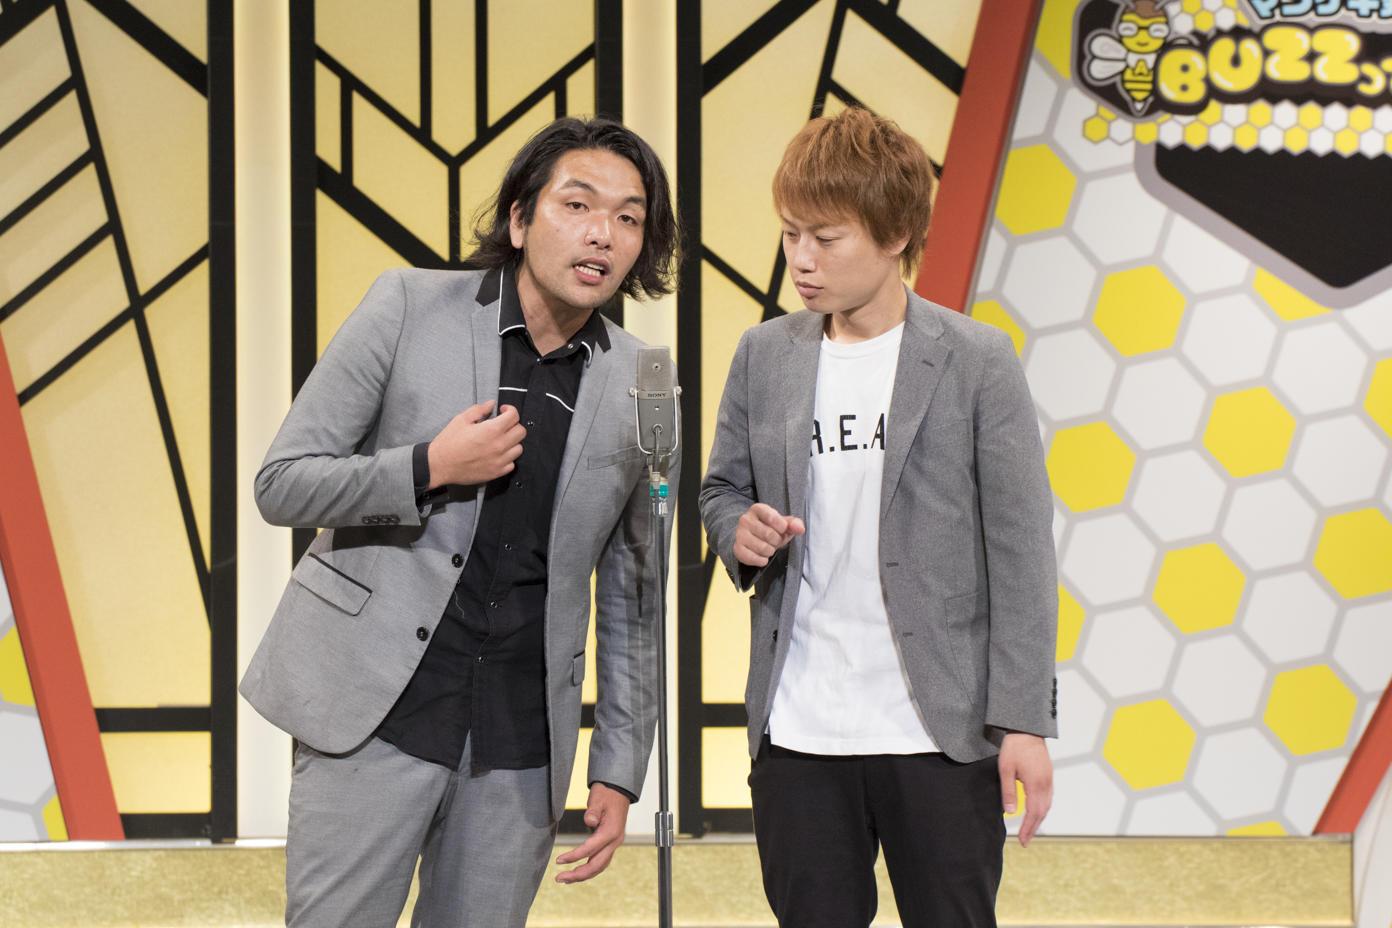 http://news.yoshimoto.co.jp/20170908065954-f594a2150f27cd5faf8e493f3a2db61abaa51271.jpg